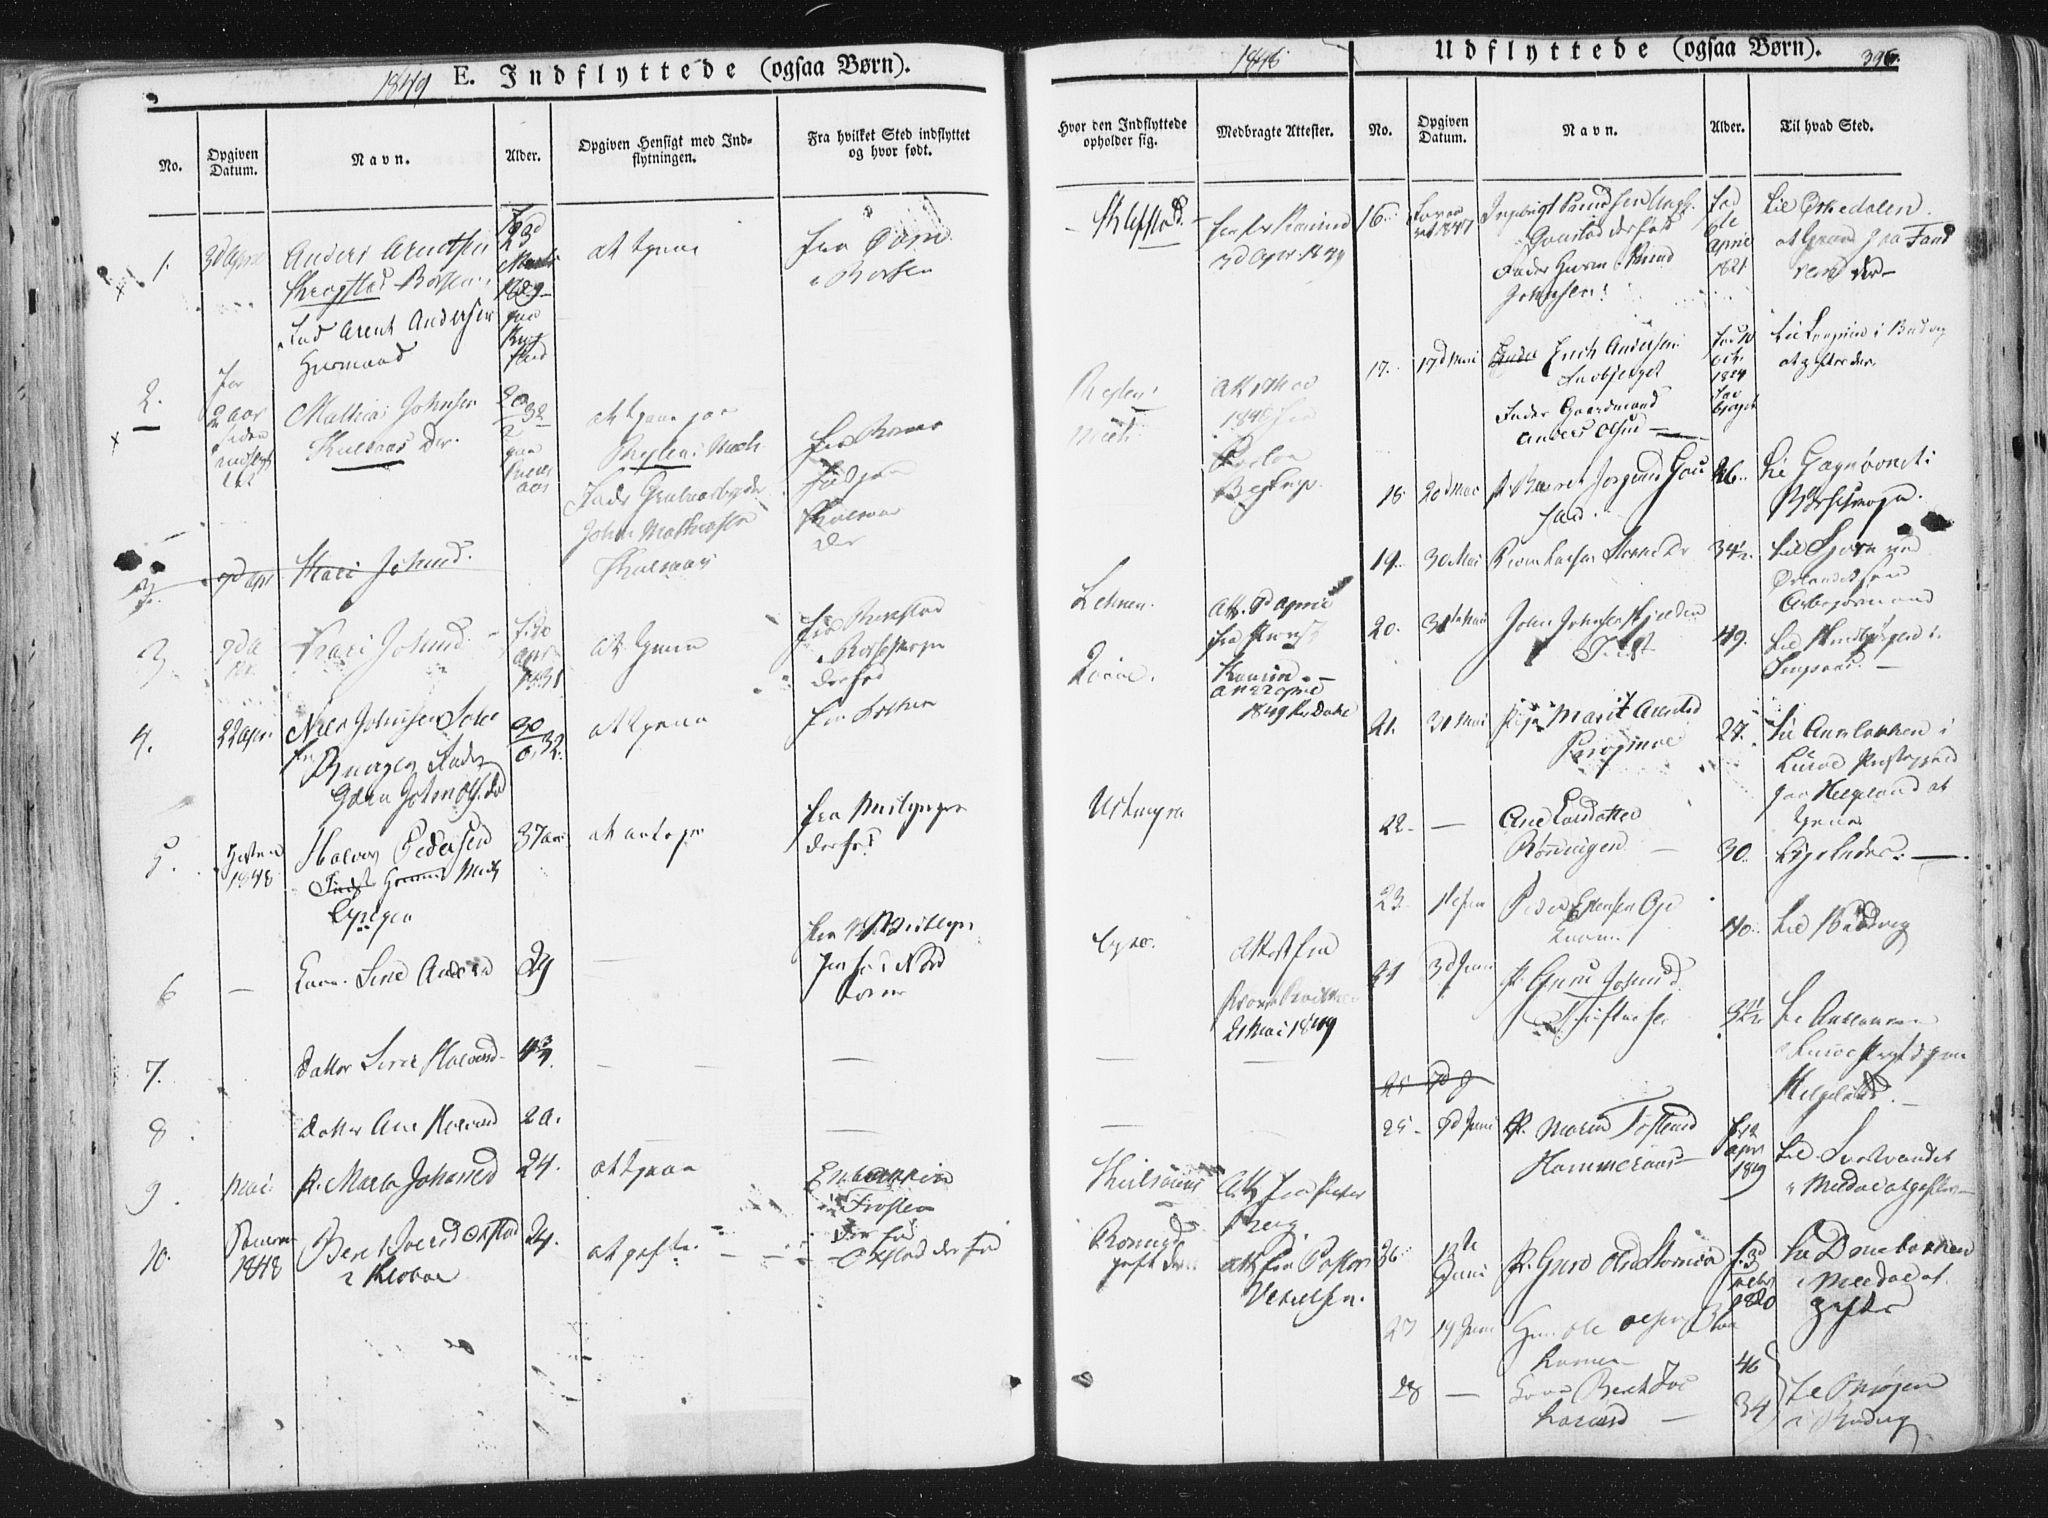 SAT, Ministerialprotokoller, klokkerbøker og fødselsregistre - Sør-Trøndelag, 691/L1074: Ministerialbok nr. 691A06, 1842-1852, s. 396